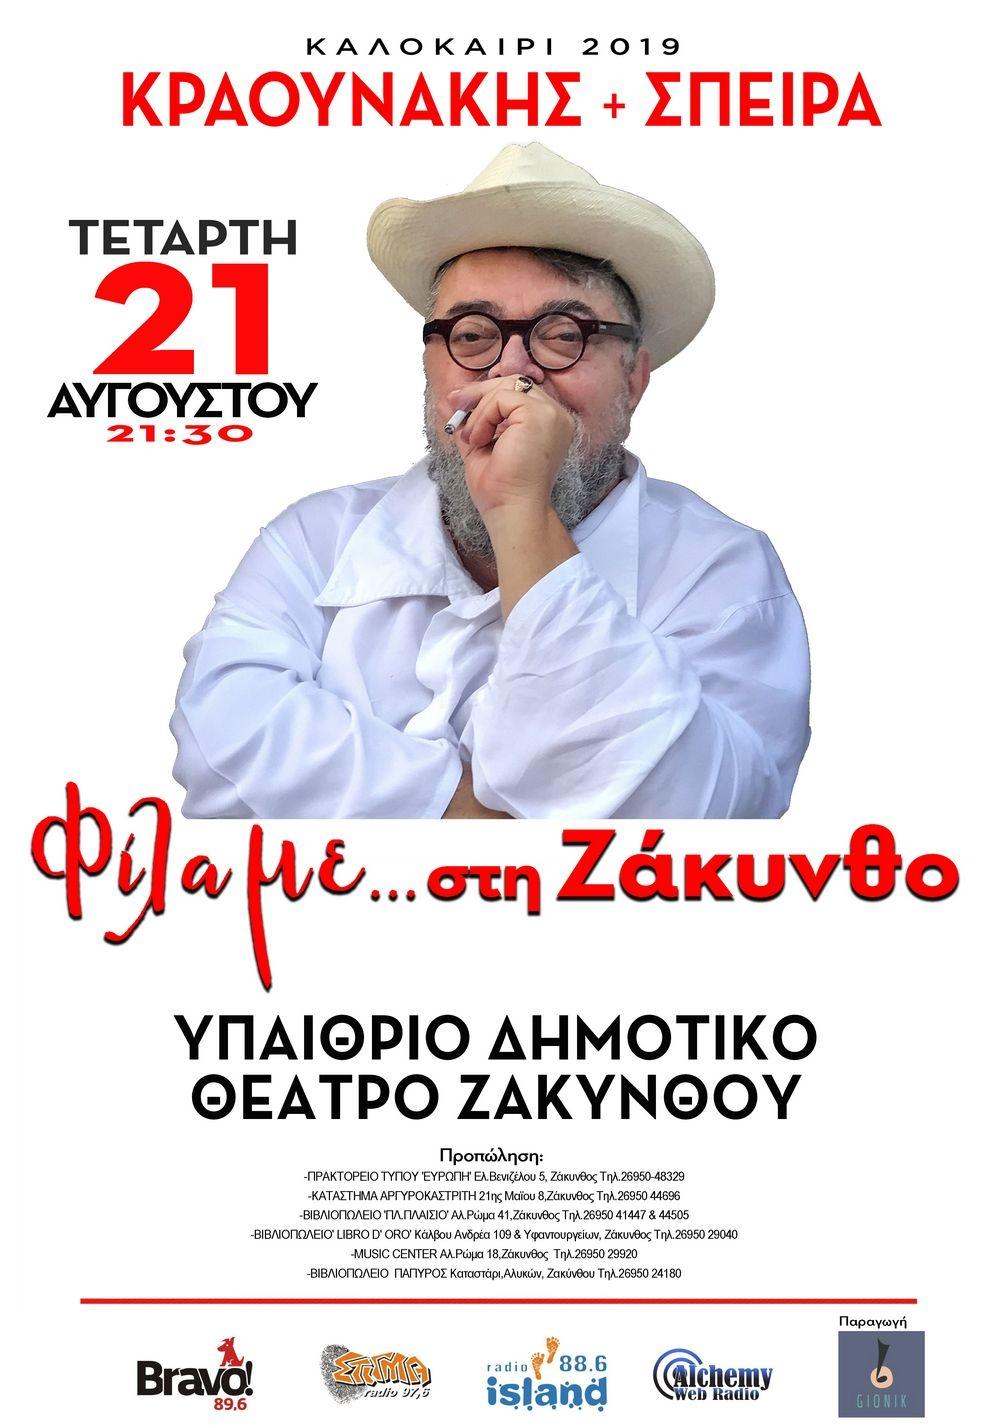 , «Φίλα με… στη Ζάκυνθο»   Σταμάτης Κραουνάκης + Σπείρα Σπείρα   Τετάρτη 21 Αυγούστου, 21.30 Υπαίθριο Δημοτικό Θέατρο Ζακύνθου